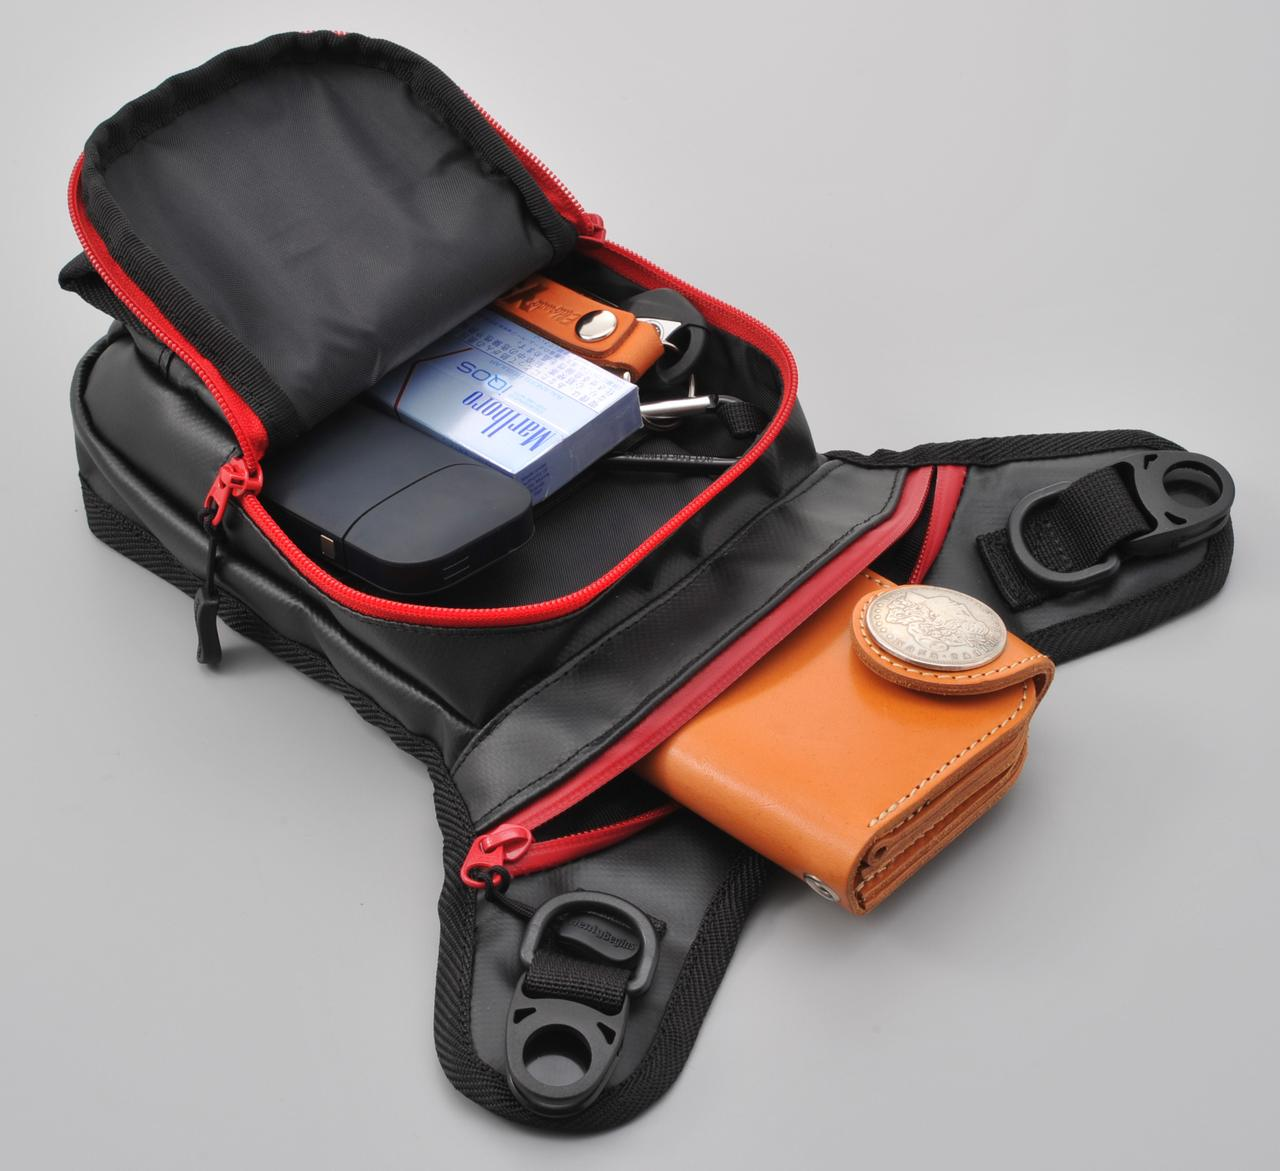 画像2: バッグの素材は、ウエアに合わせやすいポリエステルと、水に強いターポリンの2種類から選べる!